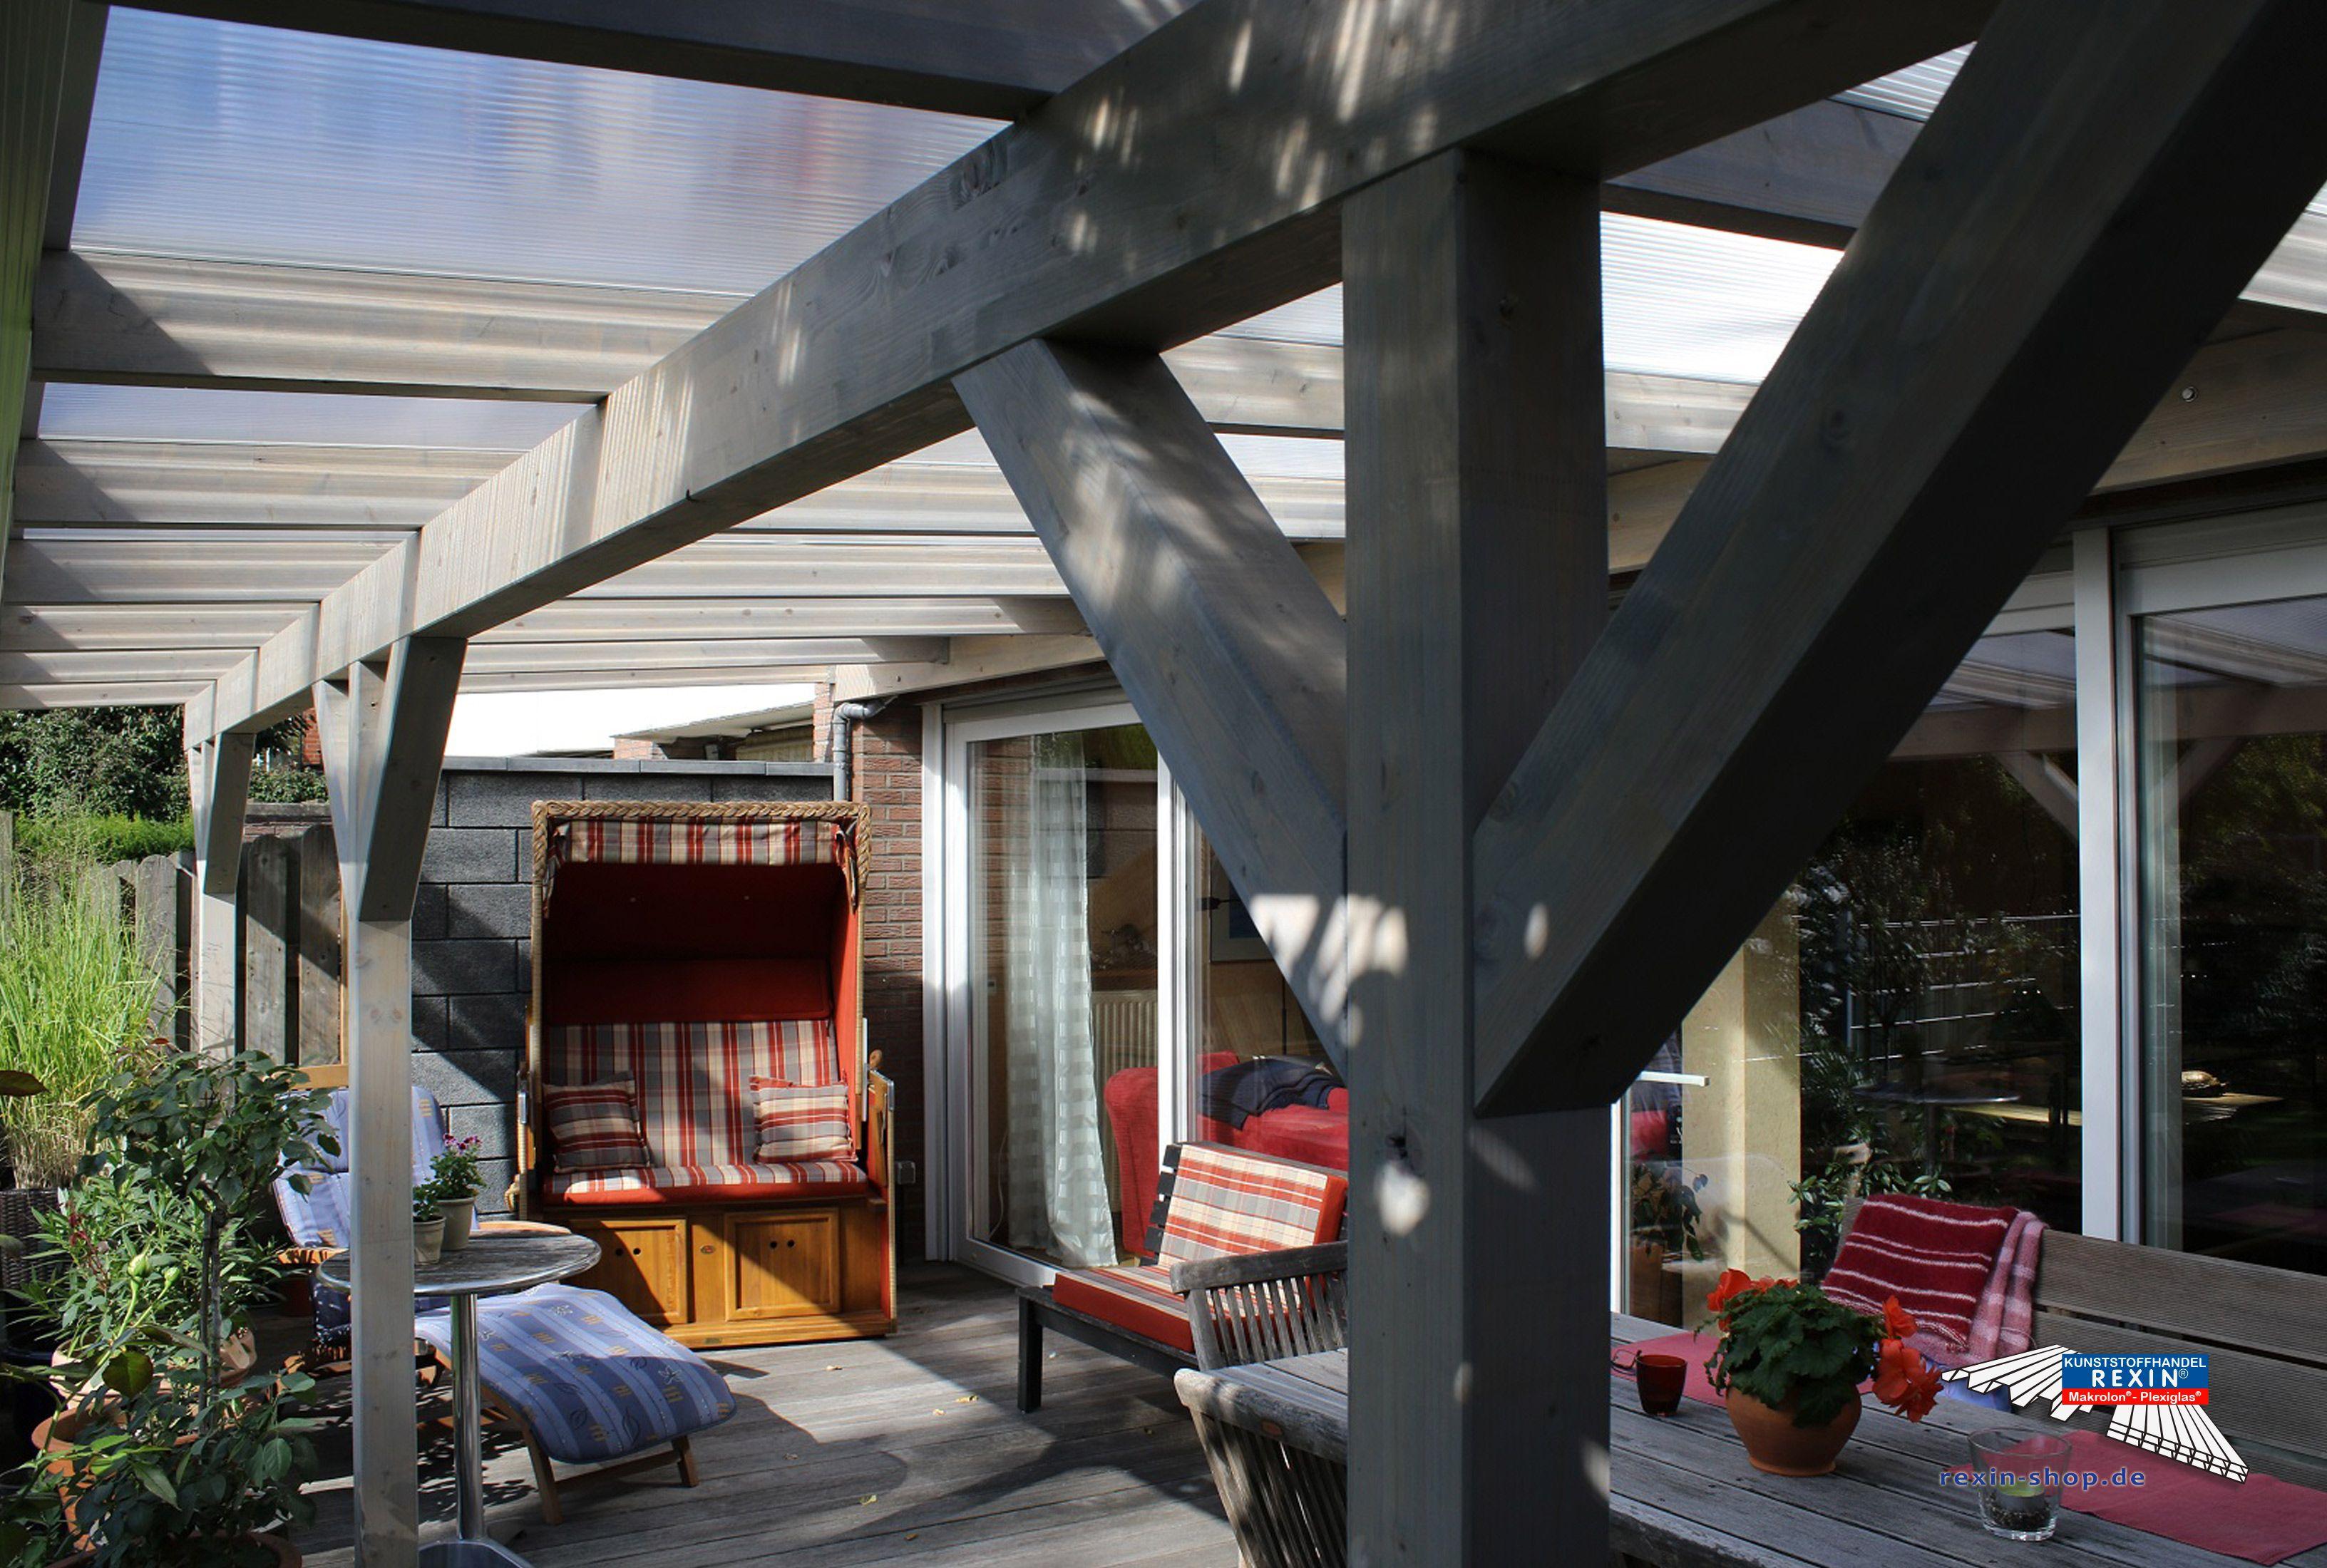 6769e2d0889bd08071f95f28a3552aec Inspiration Sichtschutz Balkon Einseitig Durchsichtig Schema